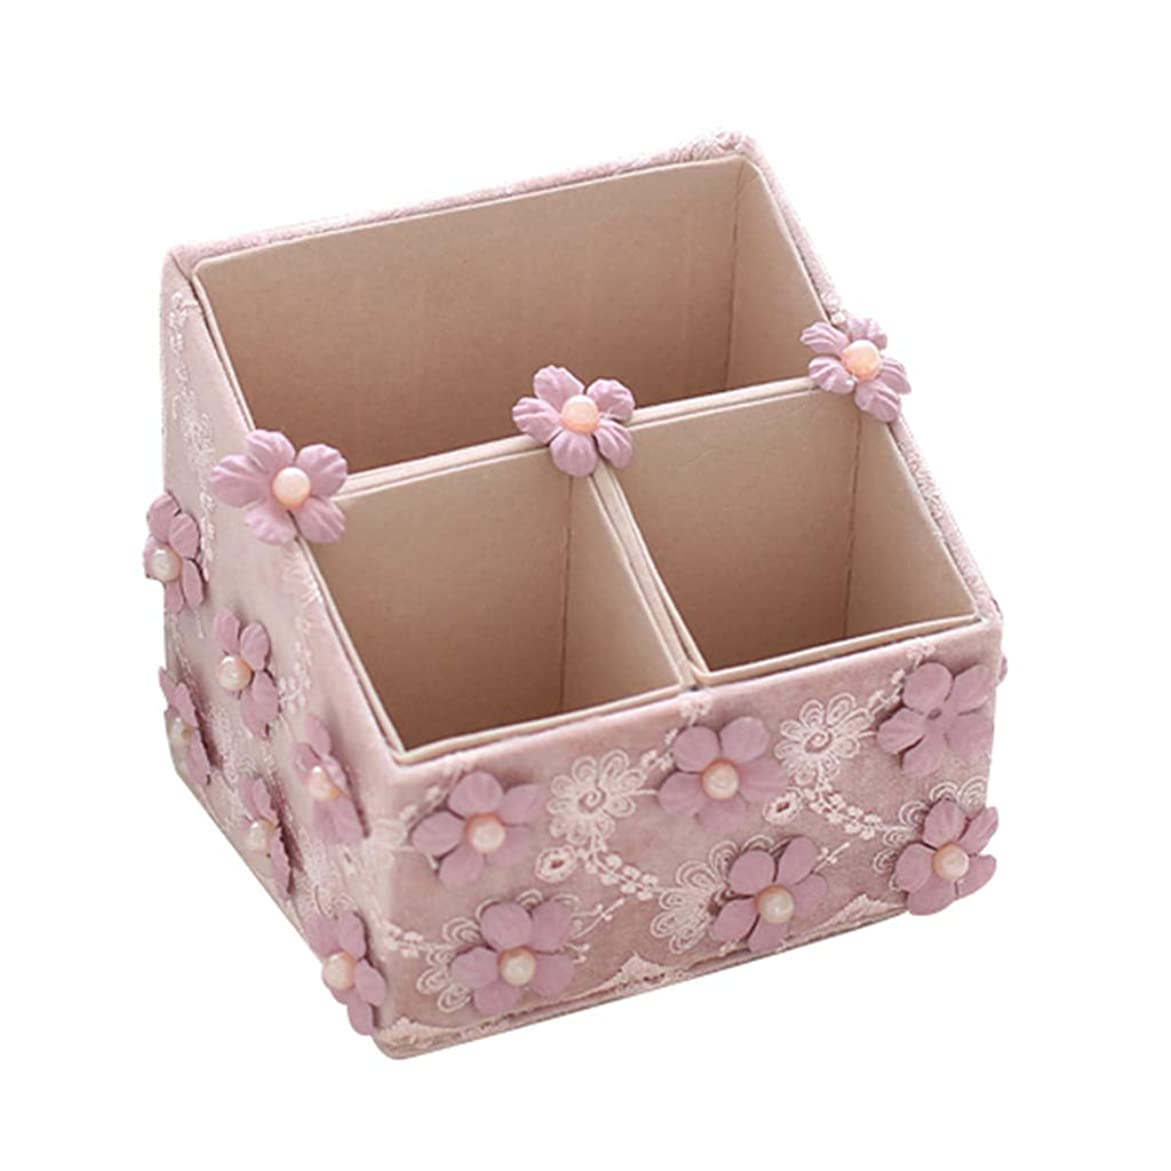 更新見出しおばさん化粧収納ボックス仕上げボックス生地レースデスクトップ収納ボックス女の子ハートリモコン収納ボックス最高の贈り物 (Color : BLUE, Size : 15*14*13CM)